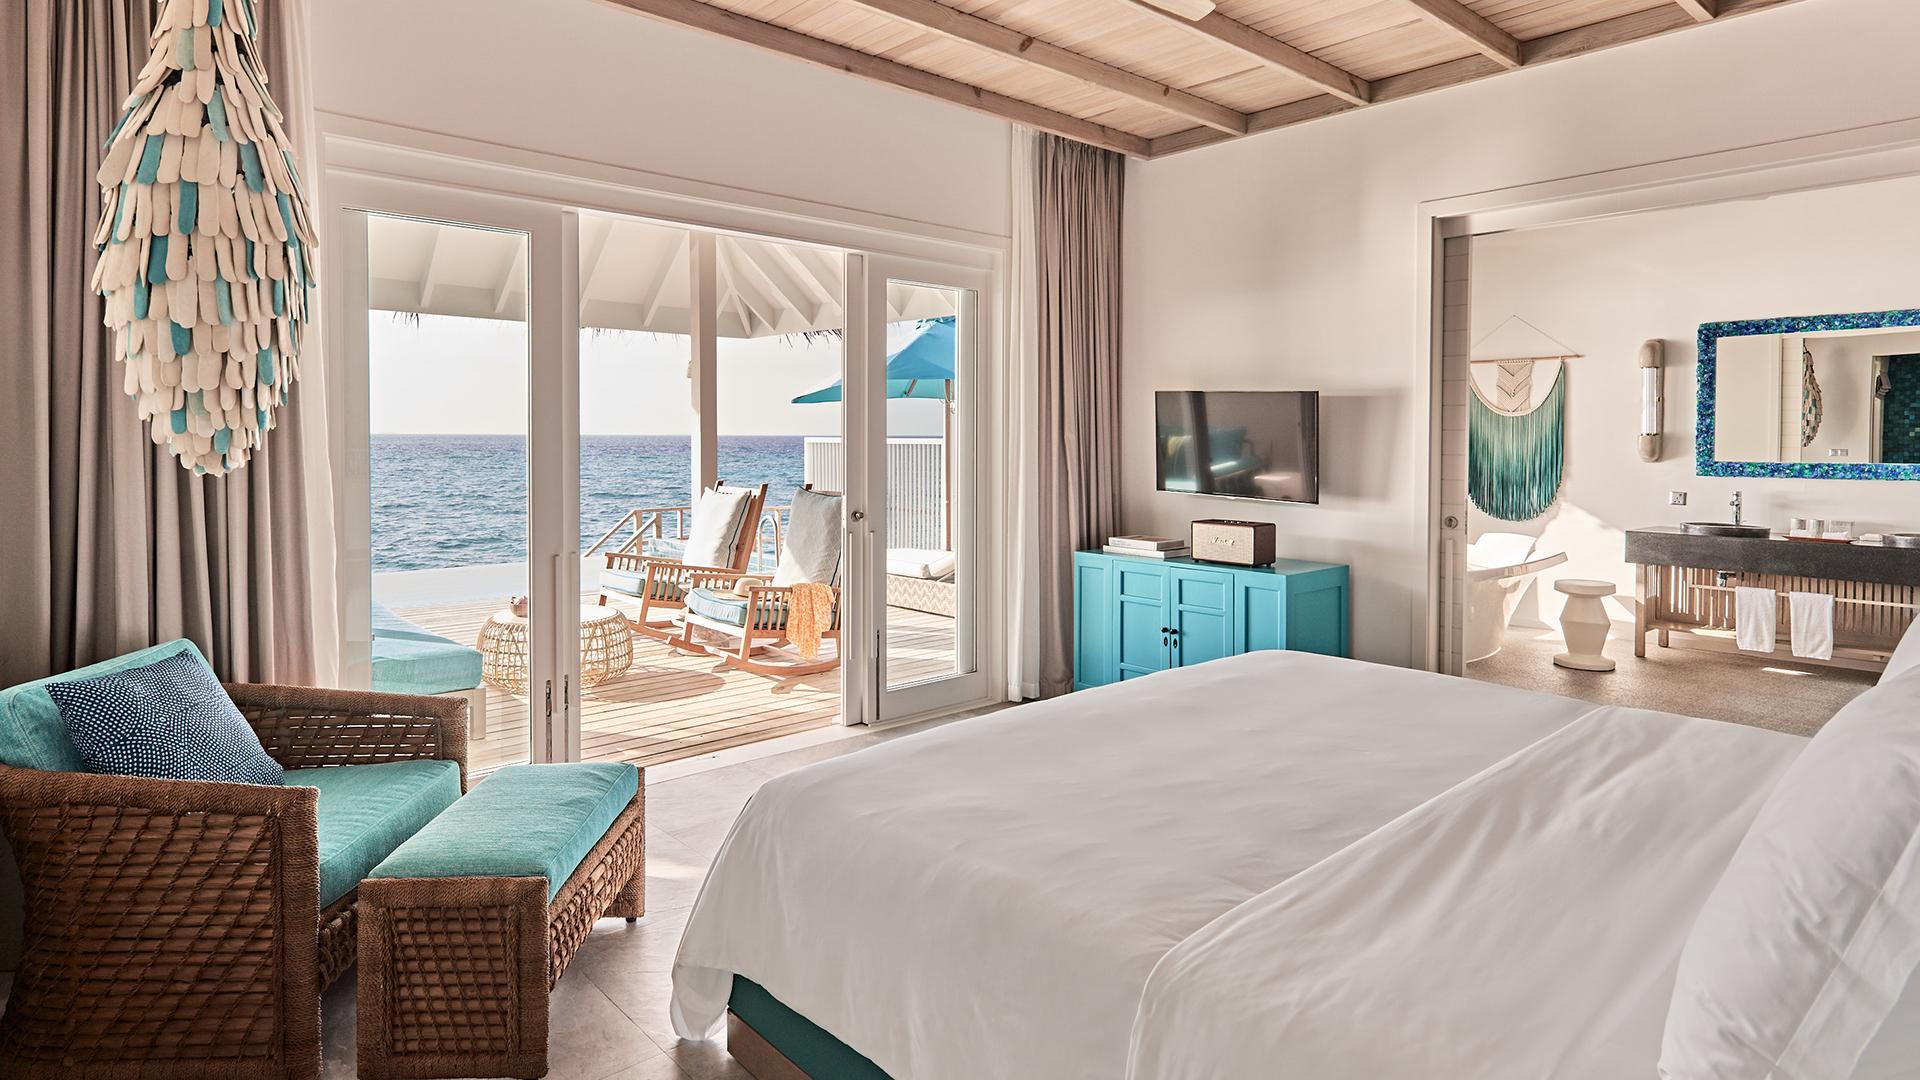 Ocean Pool Villa image 1 at Seaside Finolhu Maldives by Baa Atoll, North Province, Maldives